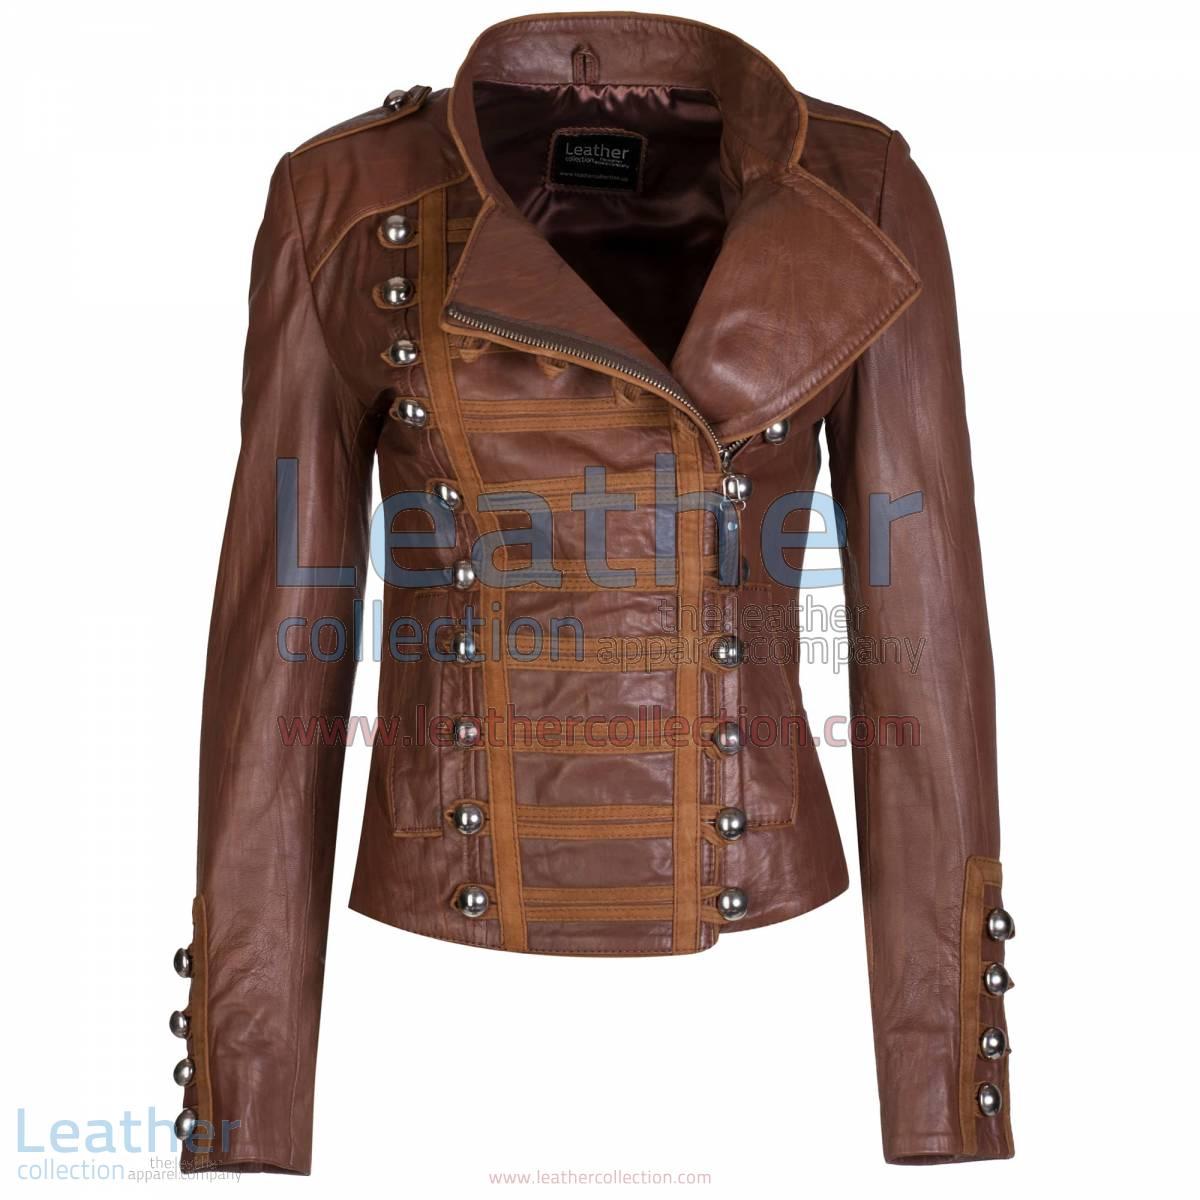 Princess Antique Brown Leather Jacket | antique leather jacket,princess jacket